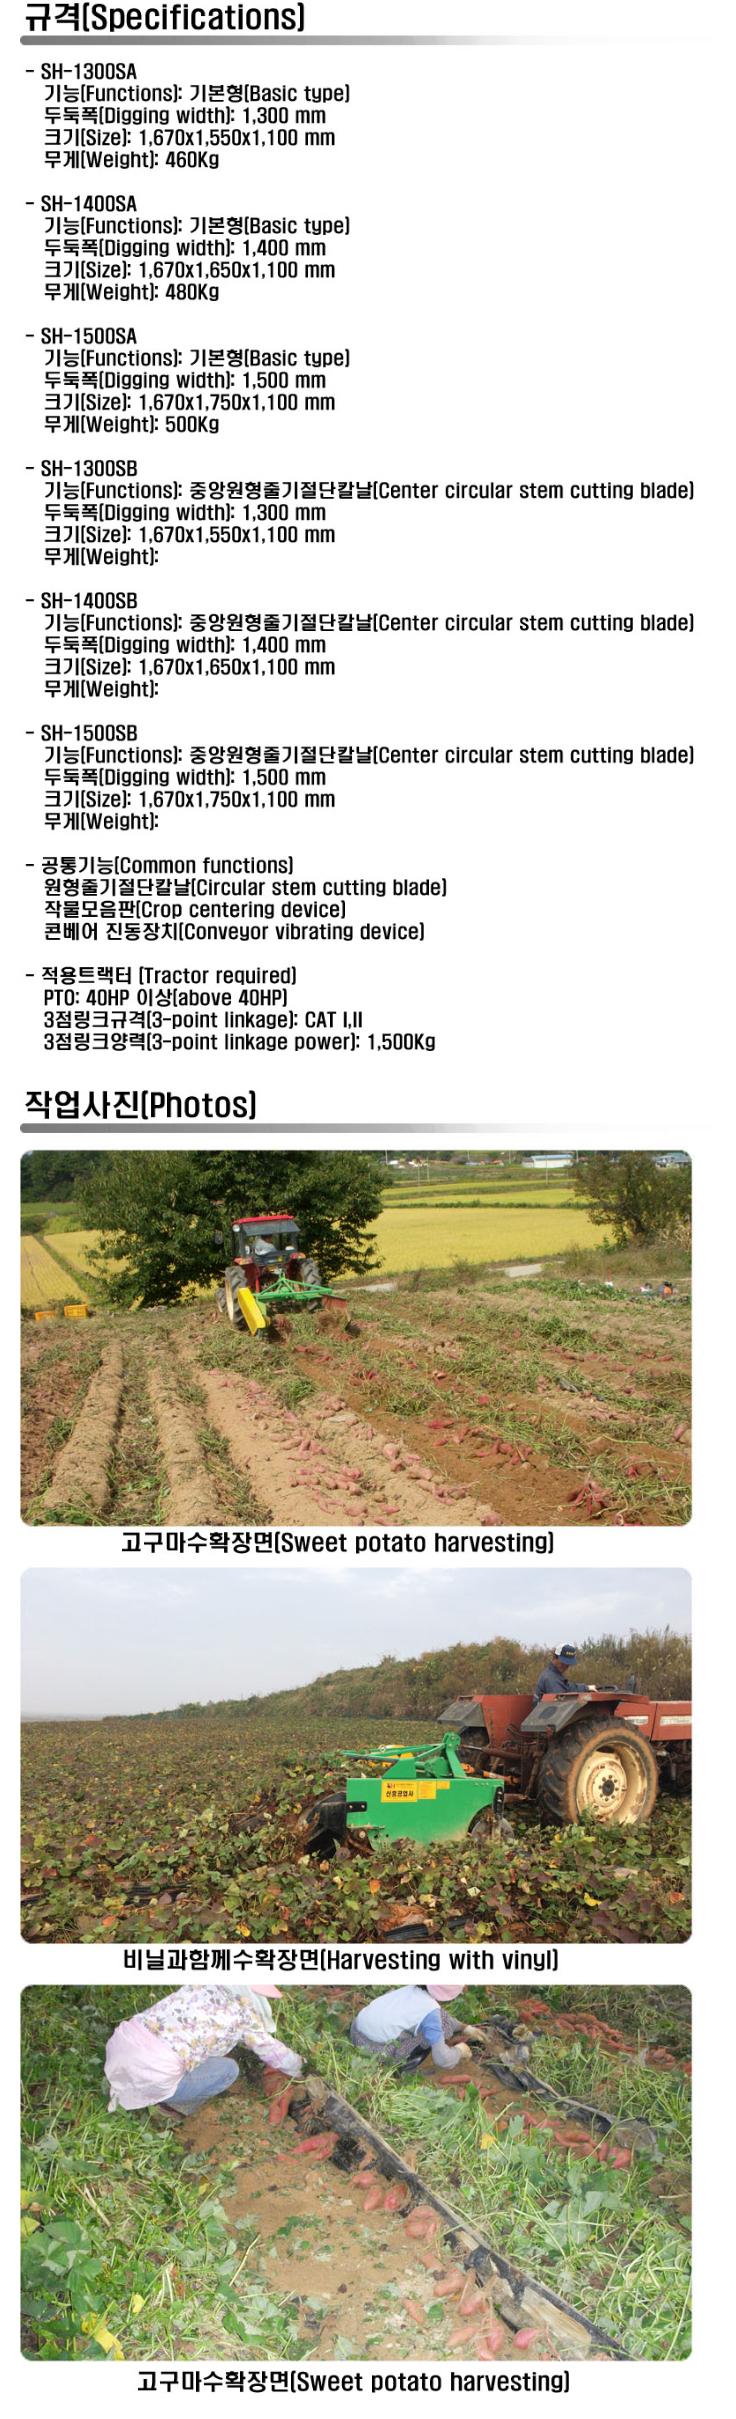 SHIN HUNG INDUSTRY Harvester for Sweet Potato SH-SA/SB-Series 1